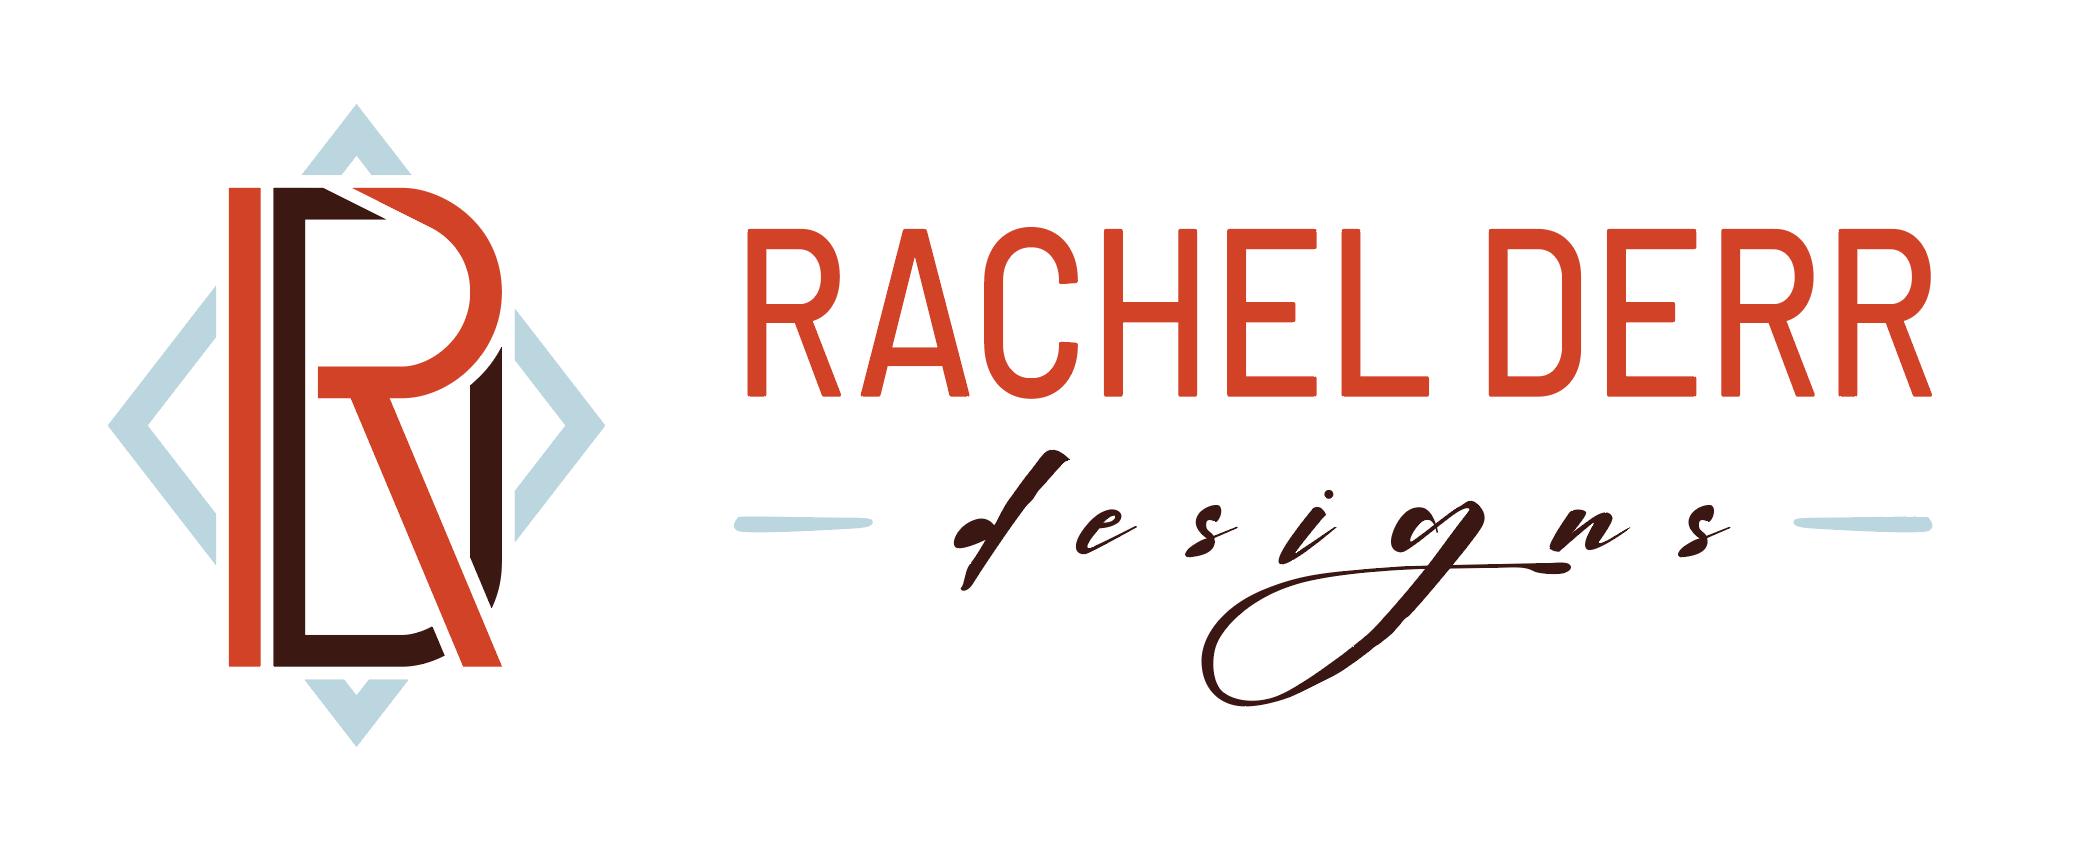 Rachel Derr